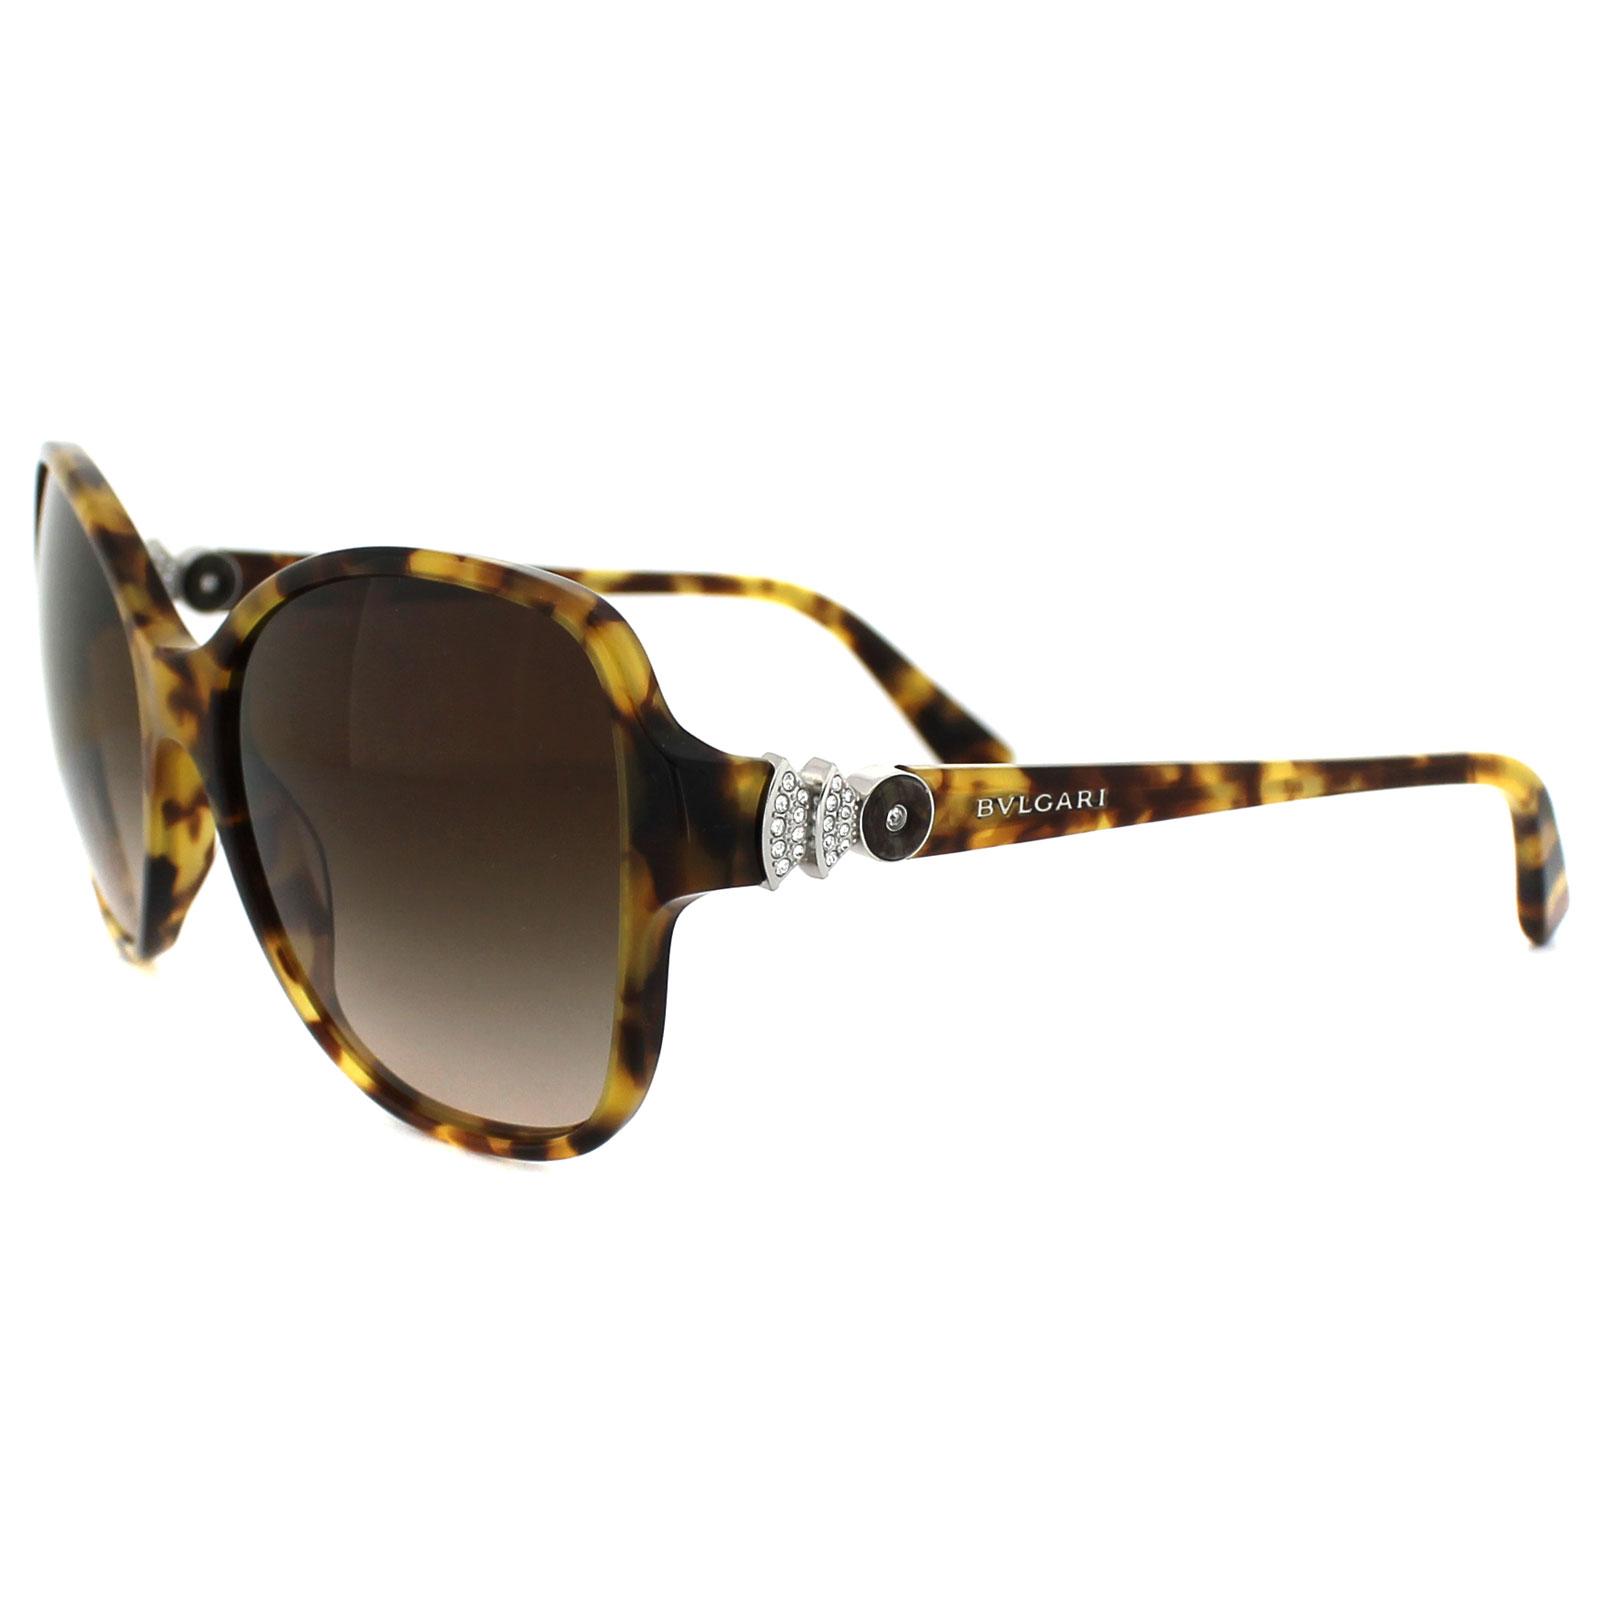 08b667d792 Cheap Bvlgari Sunglasses Australia « Heritage Malta